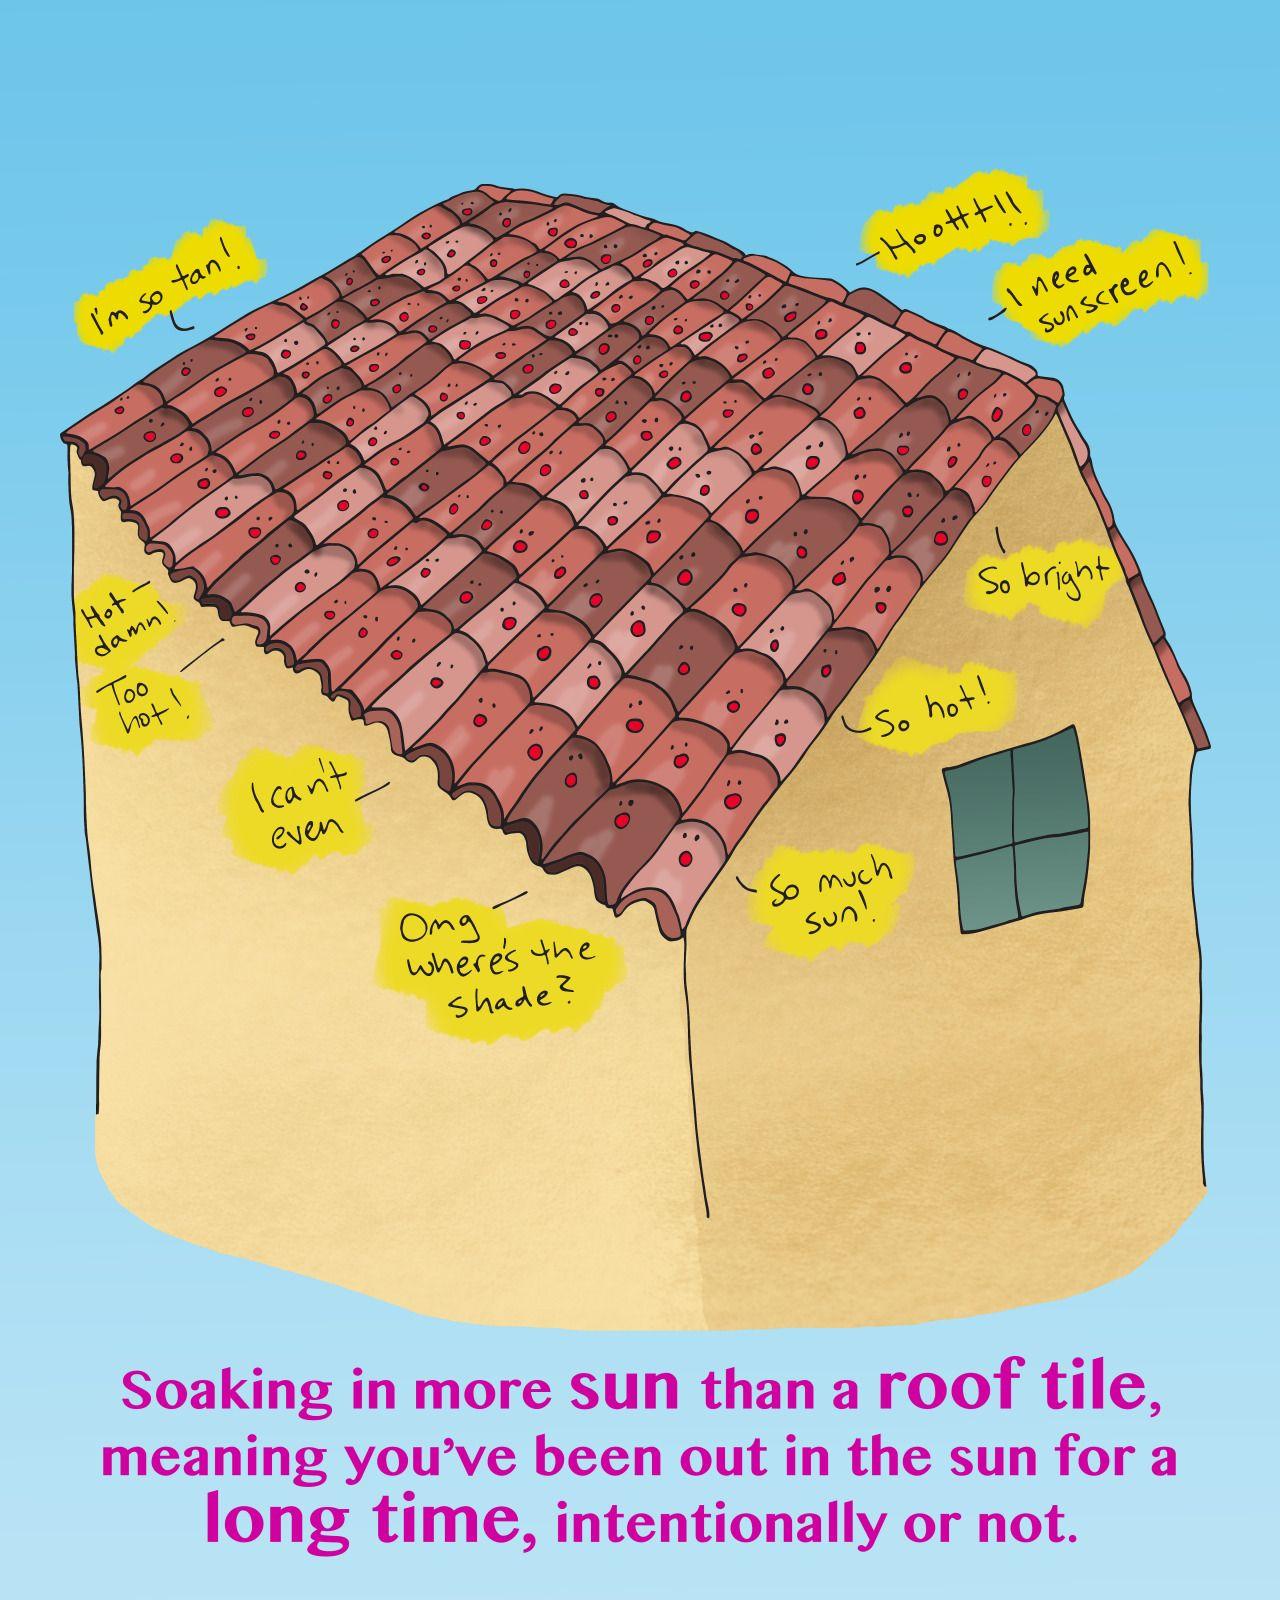 agarrando más sol que una teja translation soaking in more sun than